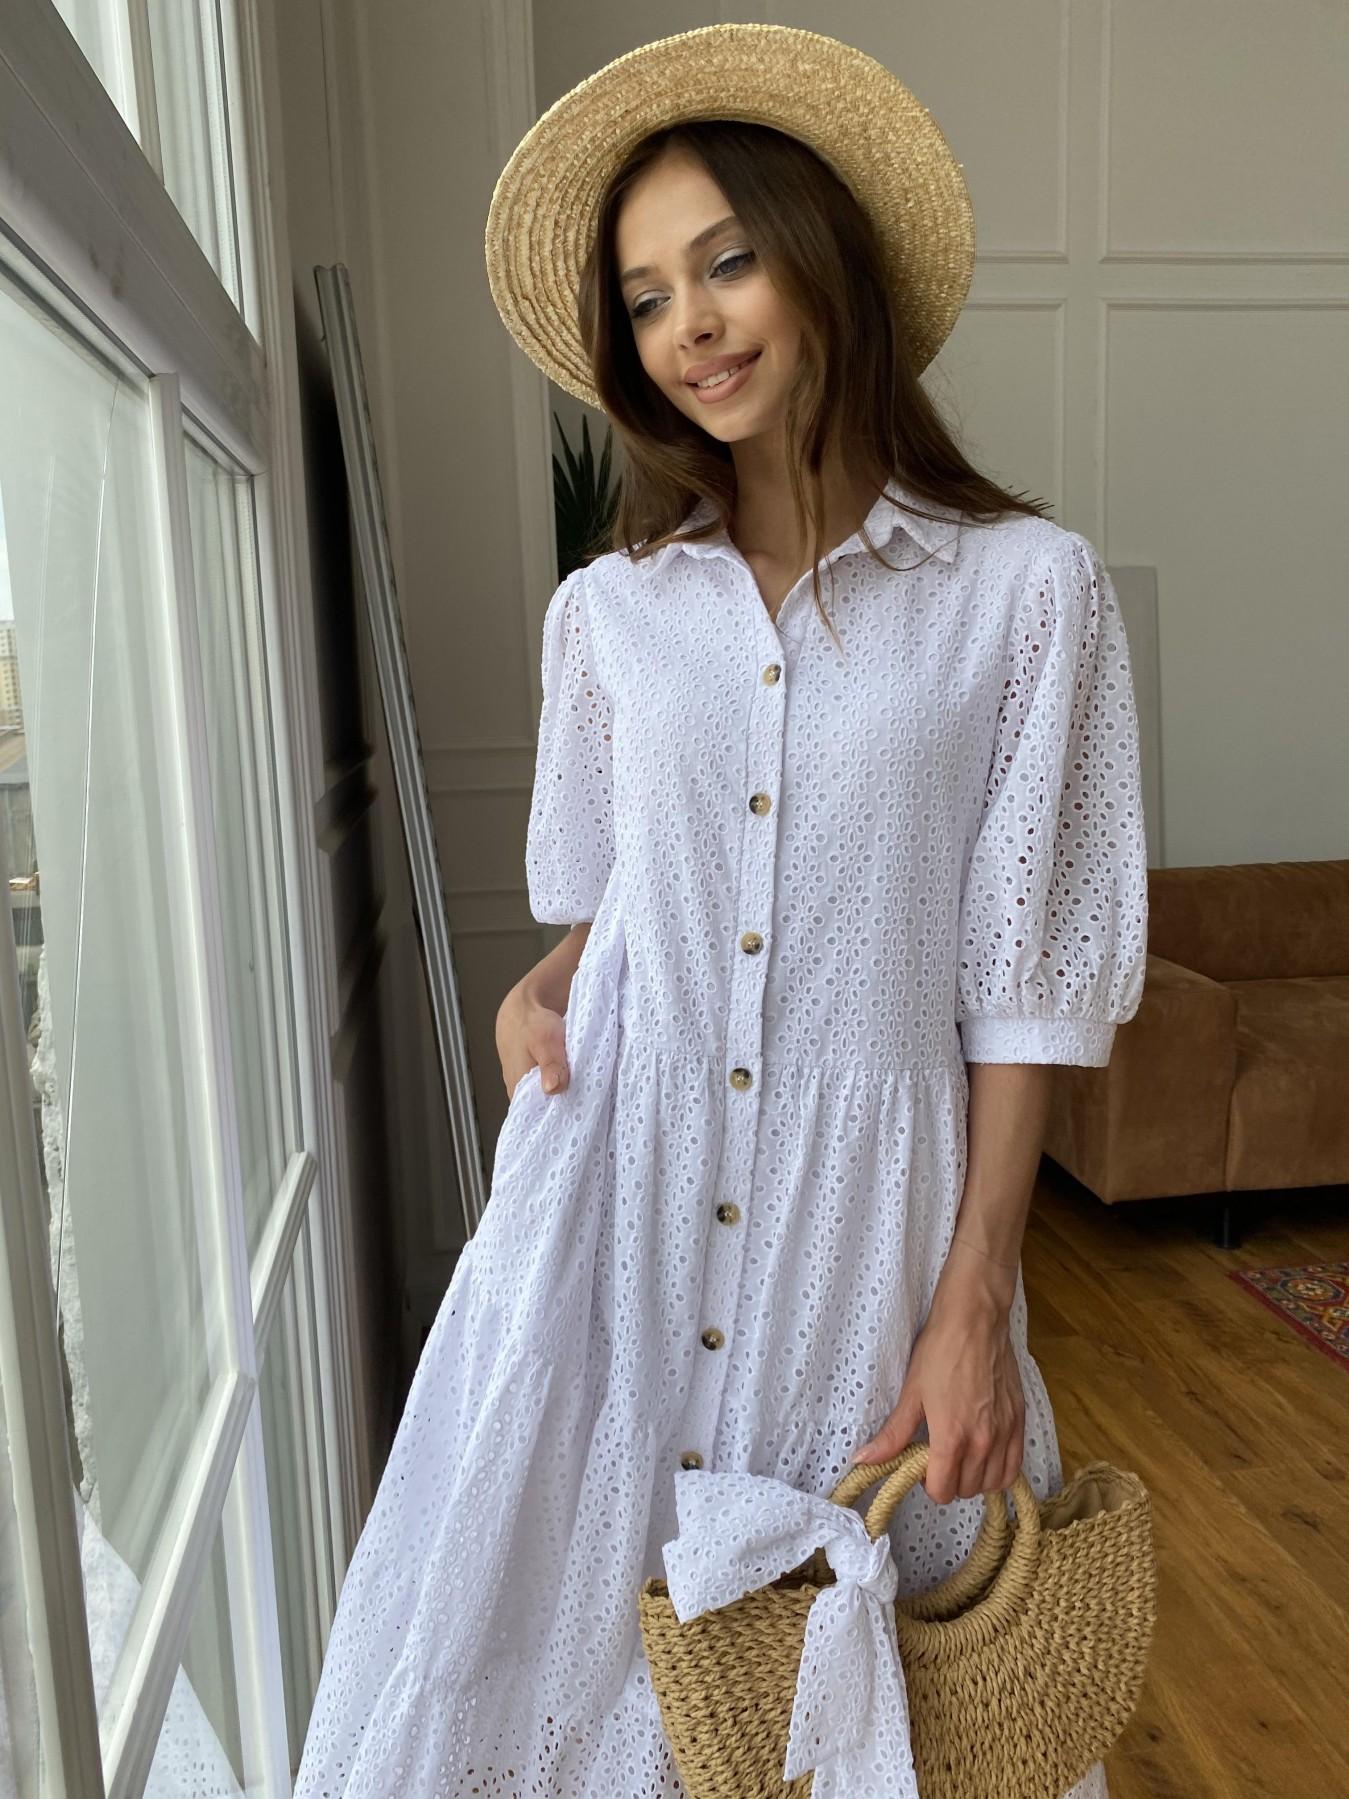 Коста Бланка платье с коротким рукавом из прошвы 11359 АРТ. 47966 Цвет: Белый/МелЦветПерфор - фото 4, интернет магазин tm-modus.ru